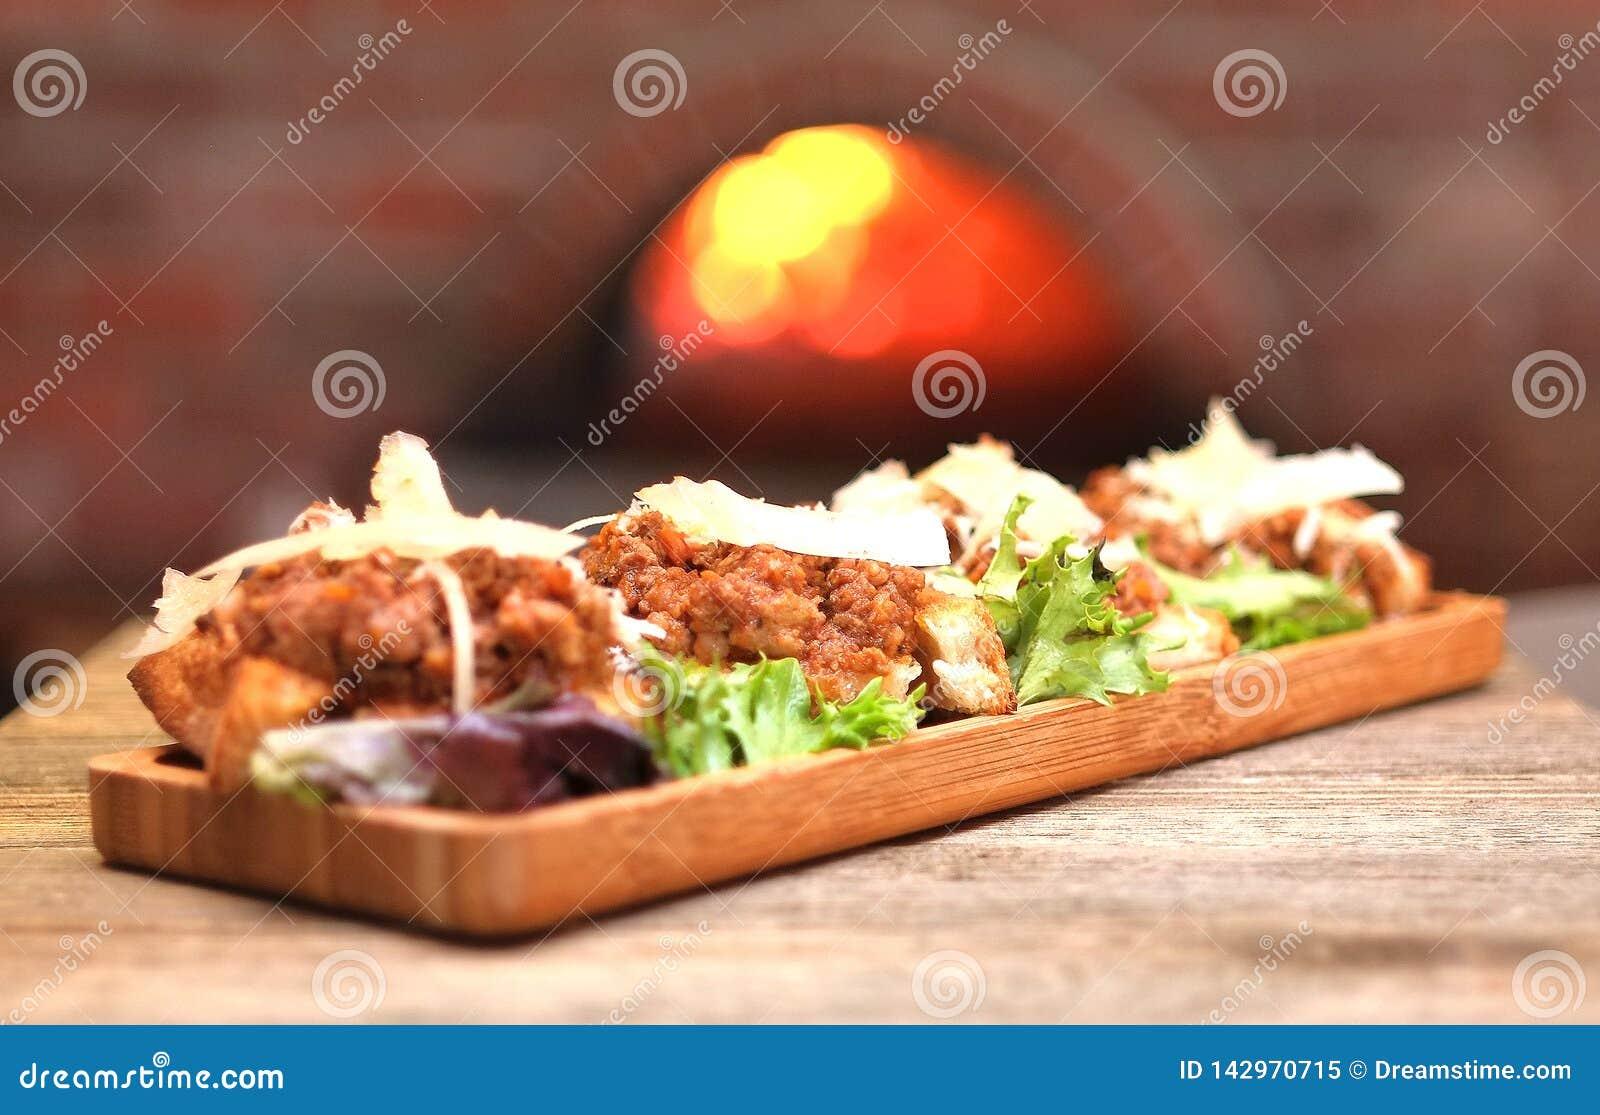 Oude wereld Italiaanse bruschetta die met vleessaus en kaas wordt bedekt